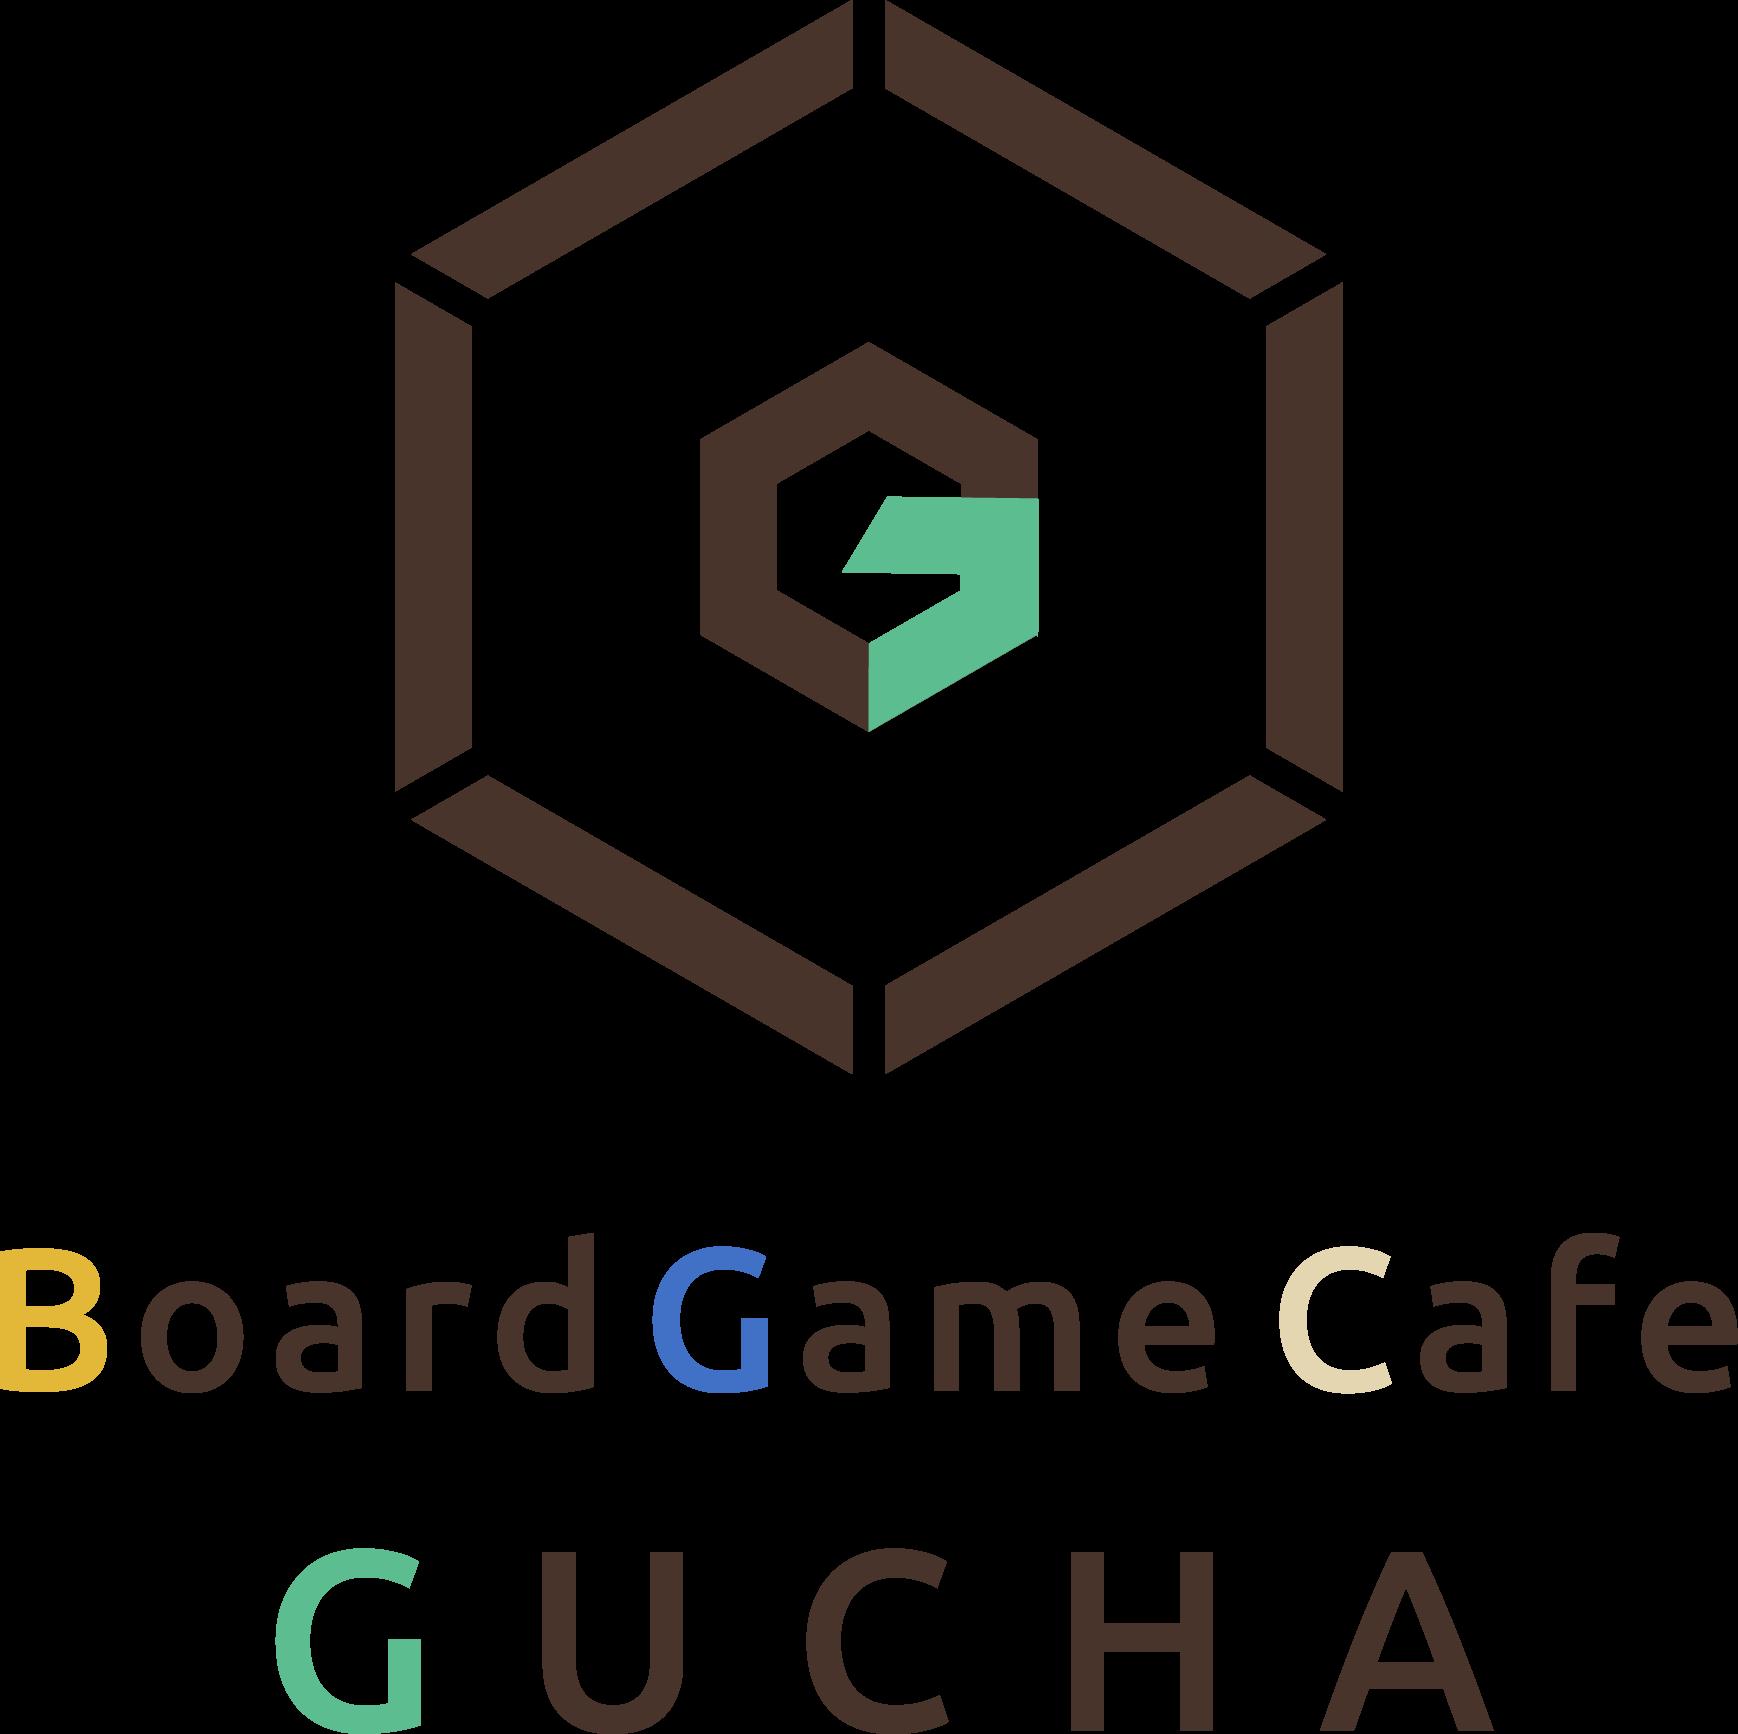 名古屋市西区のゲームカフェならボードゲームカフェグチャ